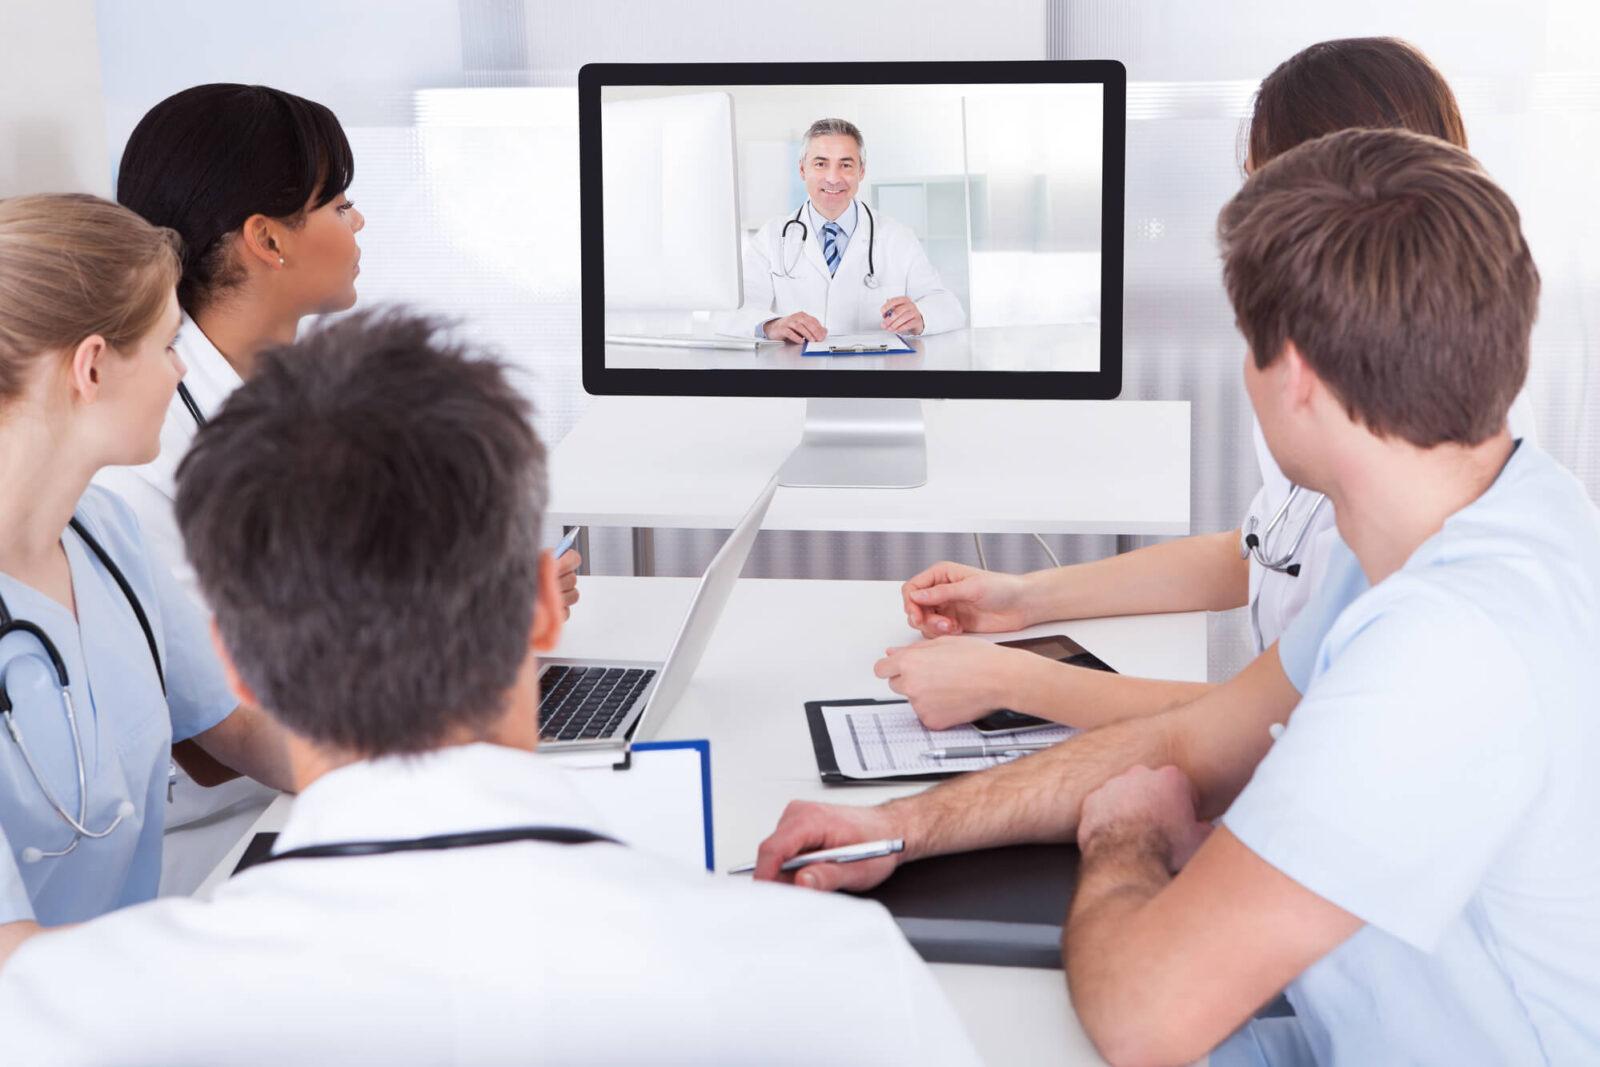 4-dicas-para-tornar-suas-reuniões via-Hangouts-mais-produtivas